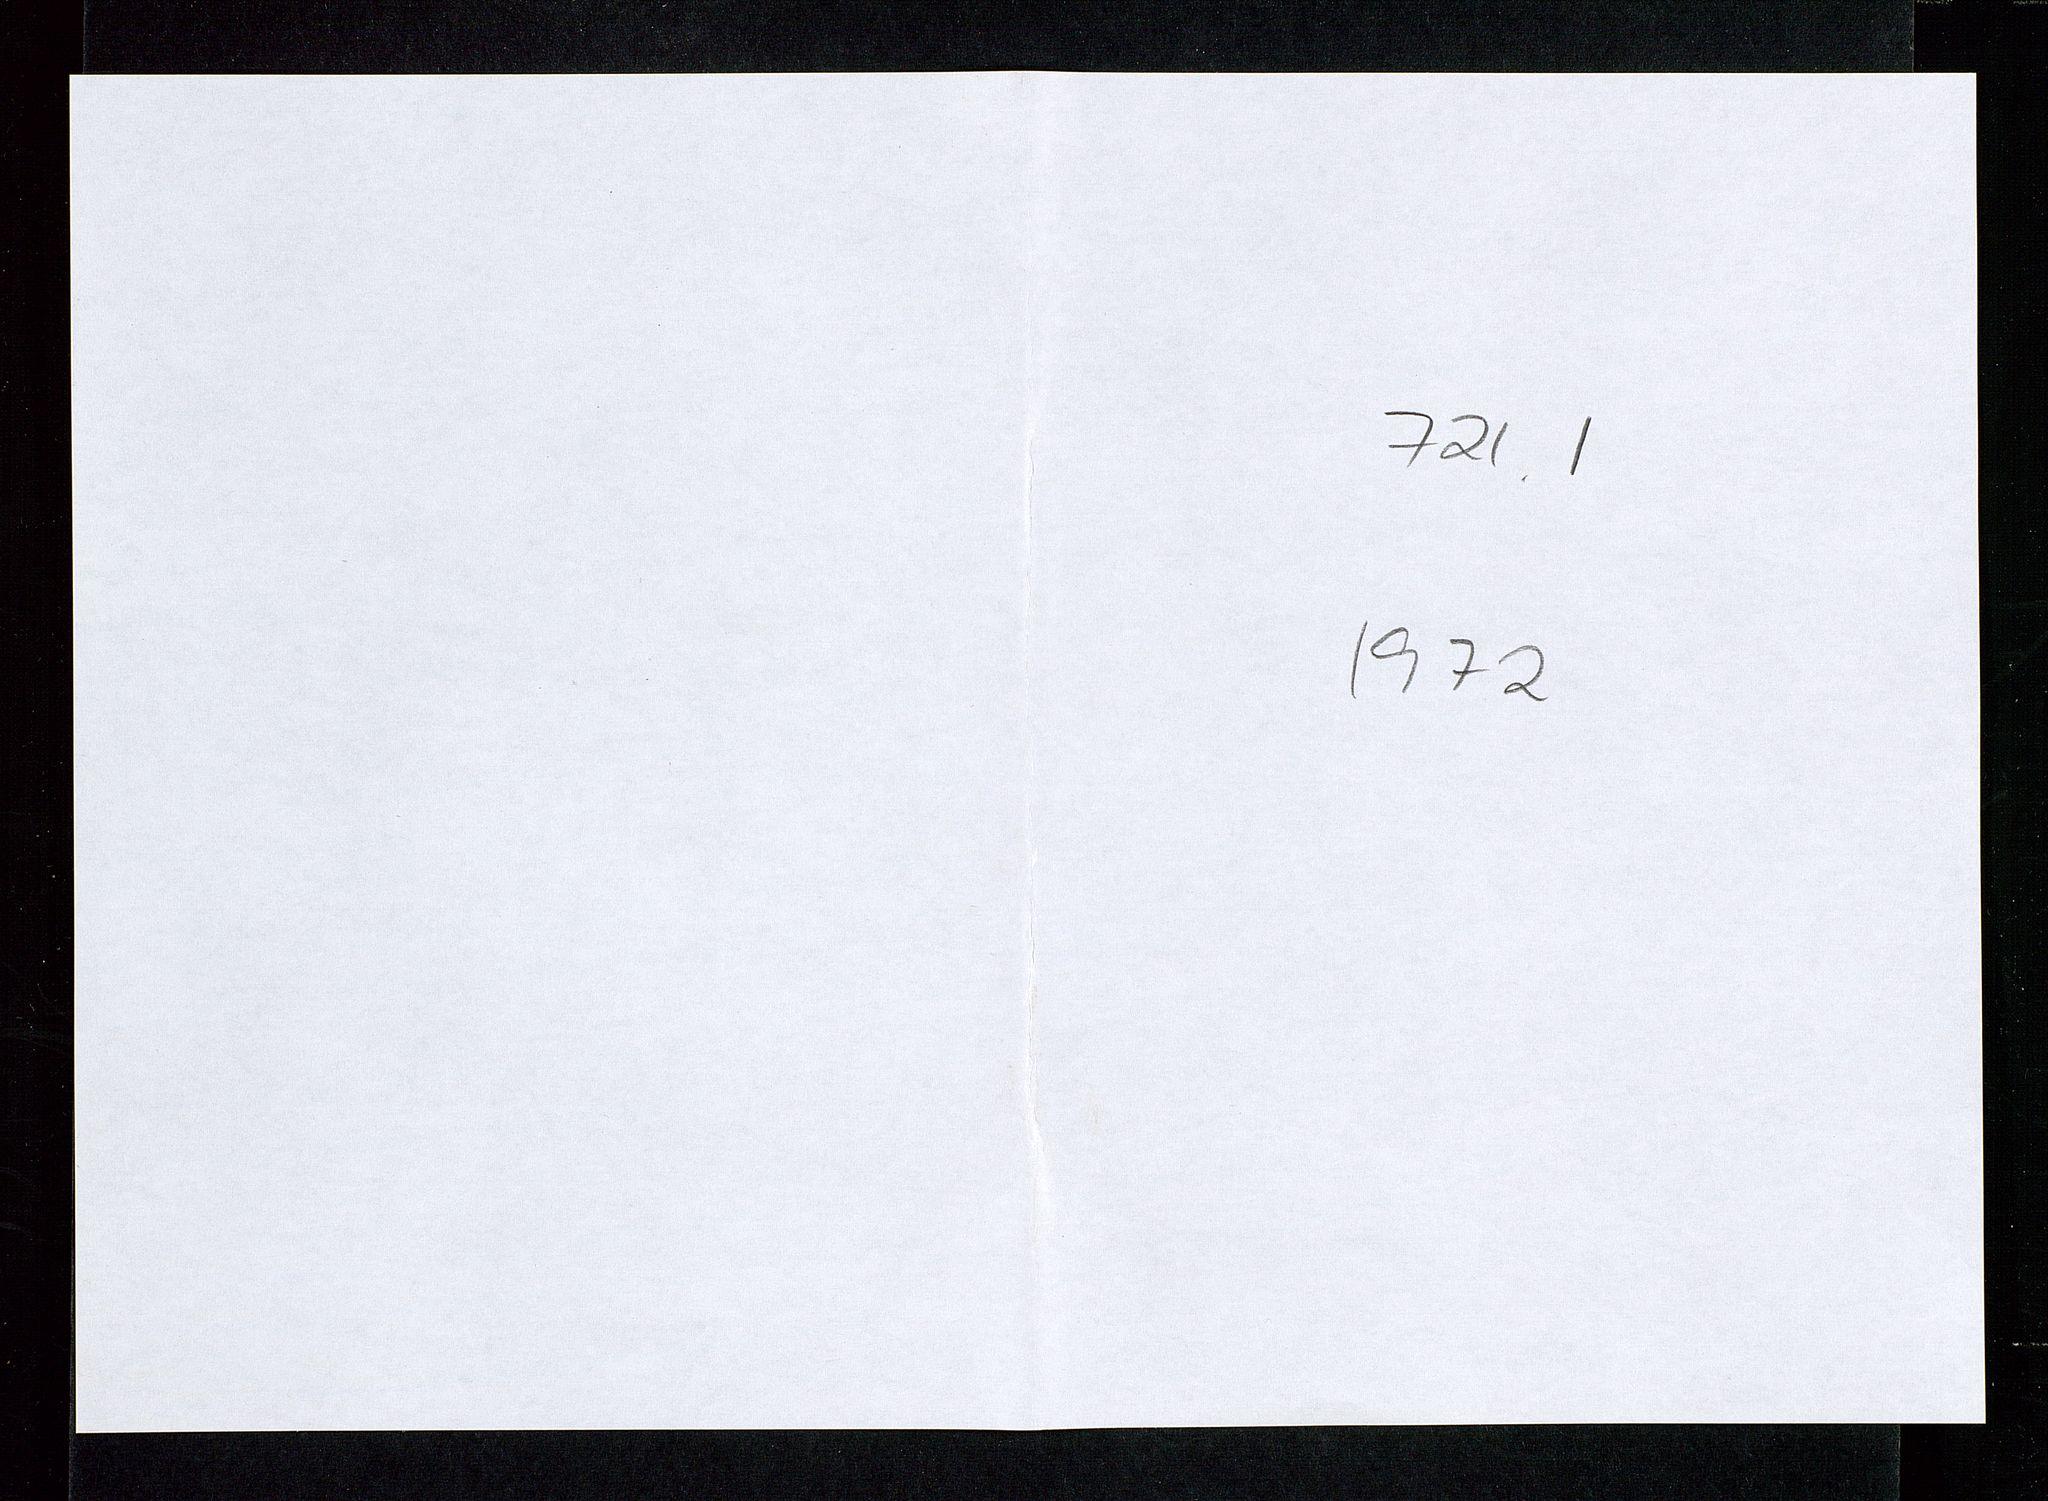 SAST, Industridepartementet, Oljekontoret, Da/L0008:  Arkivnøkkel 721- 722 Geofysikk, forskning, 1970-1972, s. 84